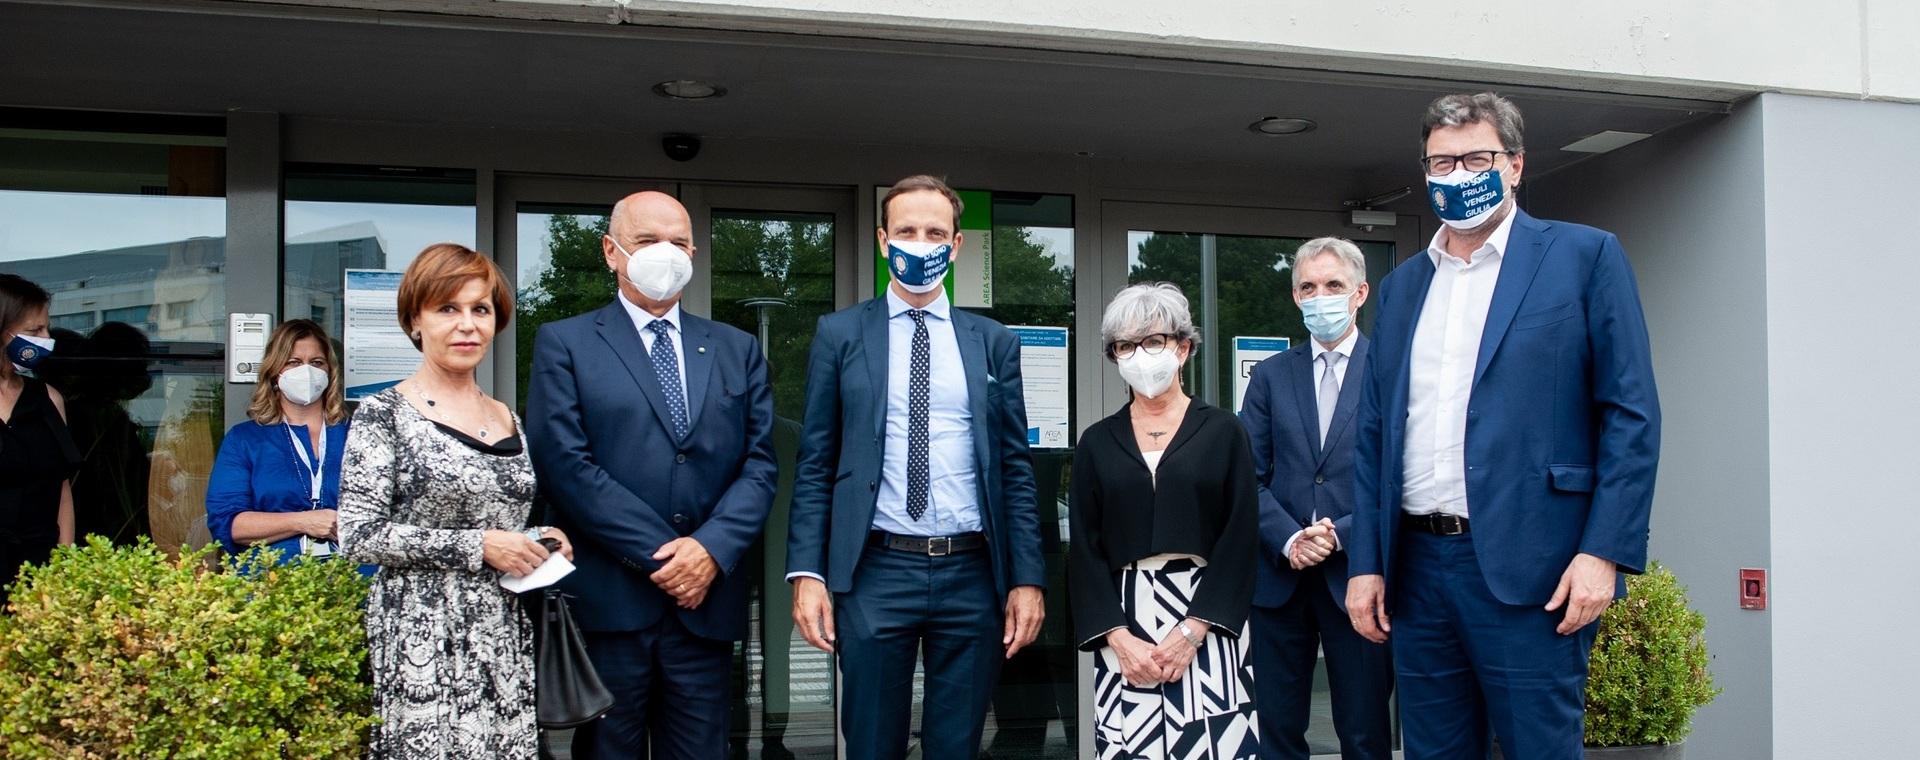 """Il Ministro Giorgetti in visita ad Area: """"Qui in FVG ho incontrato una realtà a cui ispirarsi"""""""